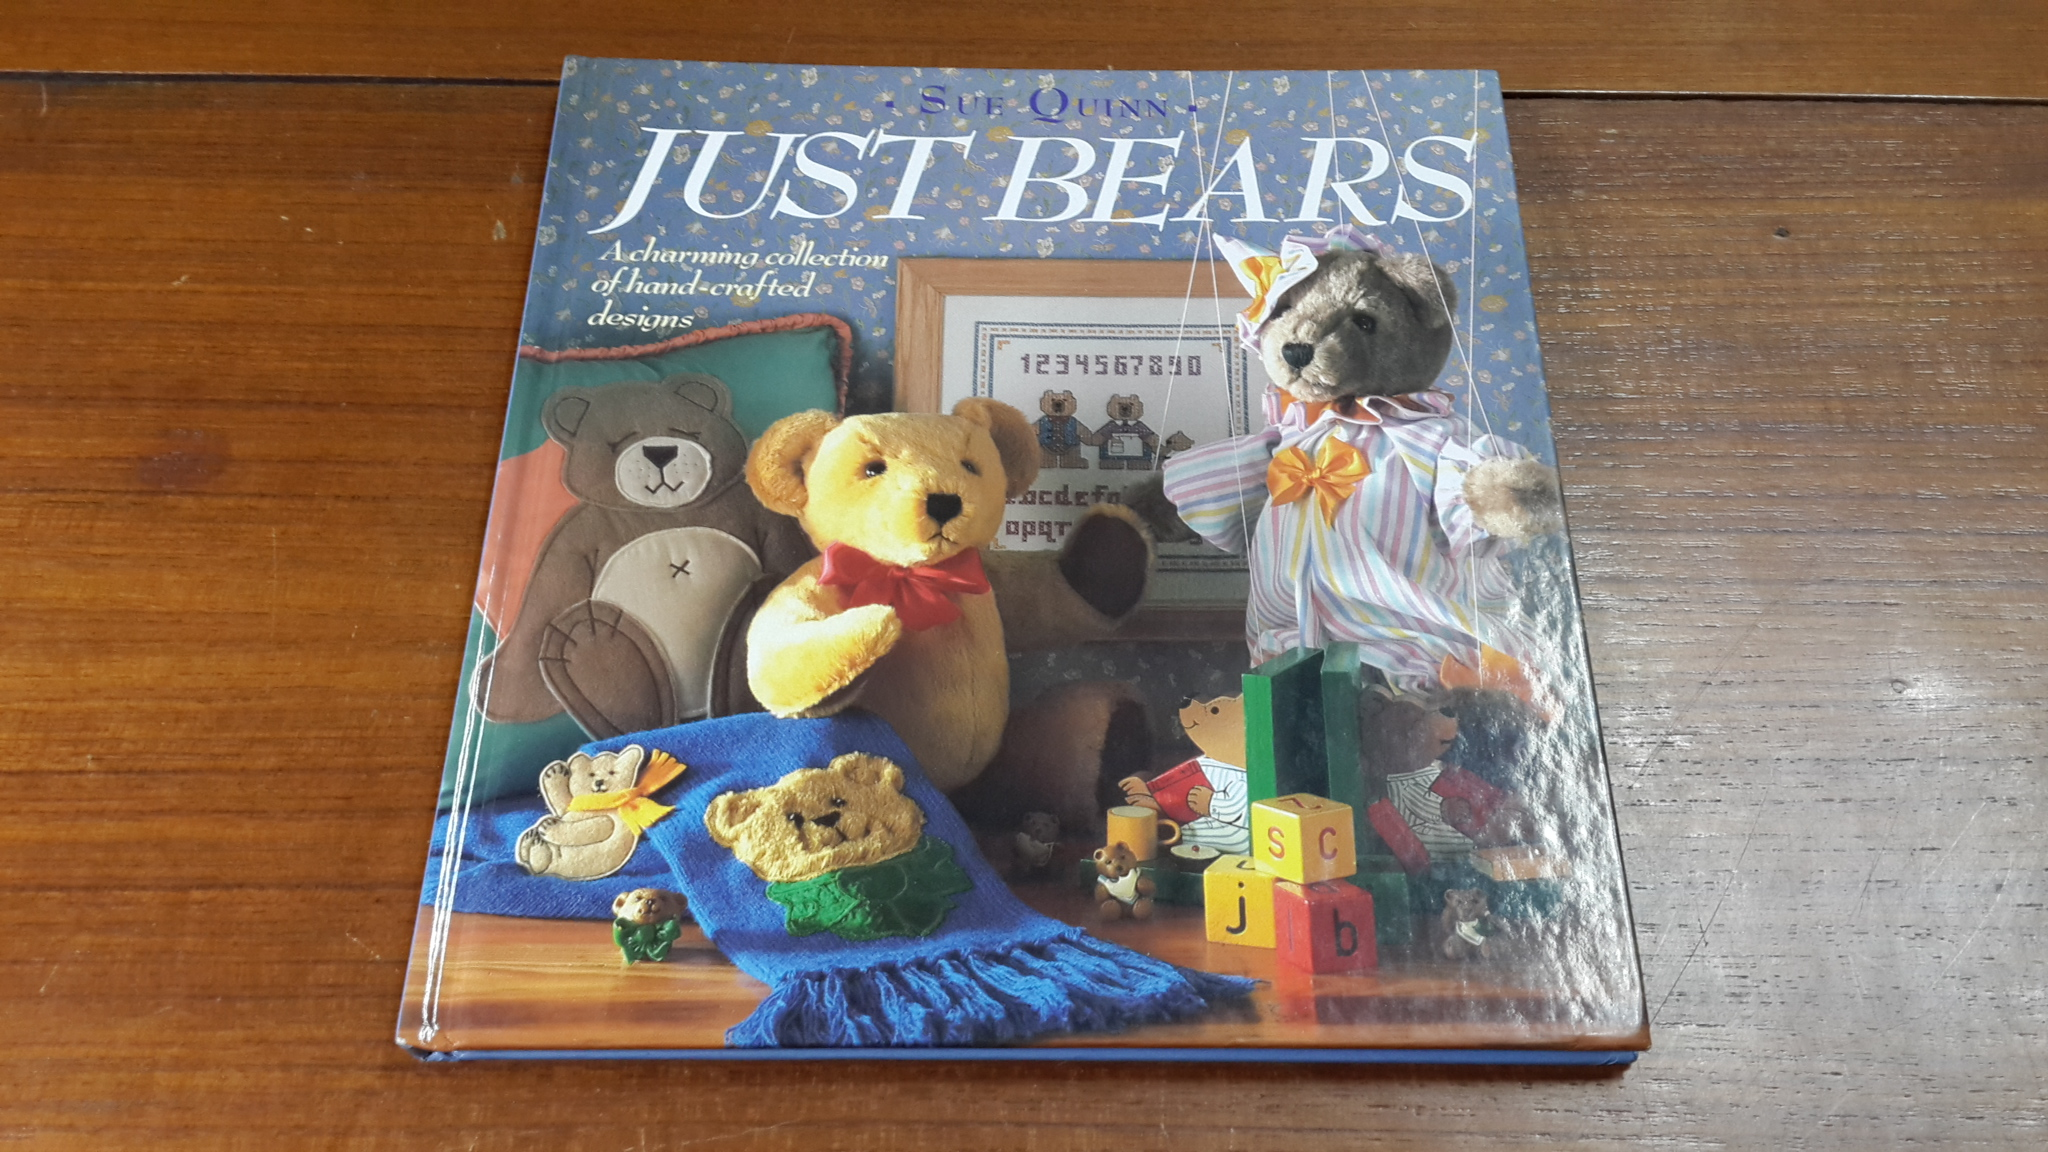 JUST BEARS / SUE QUINN